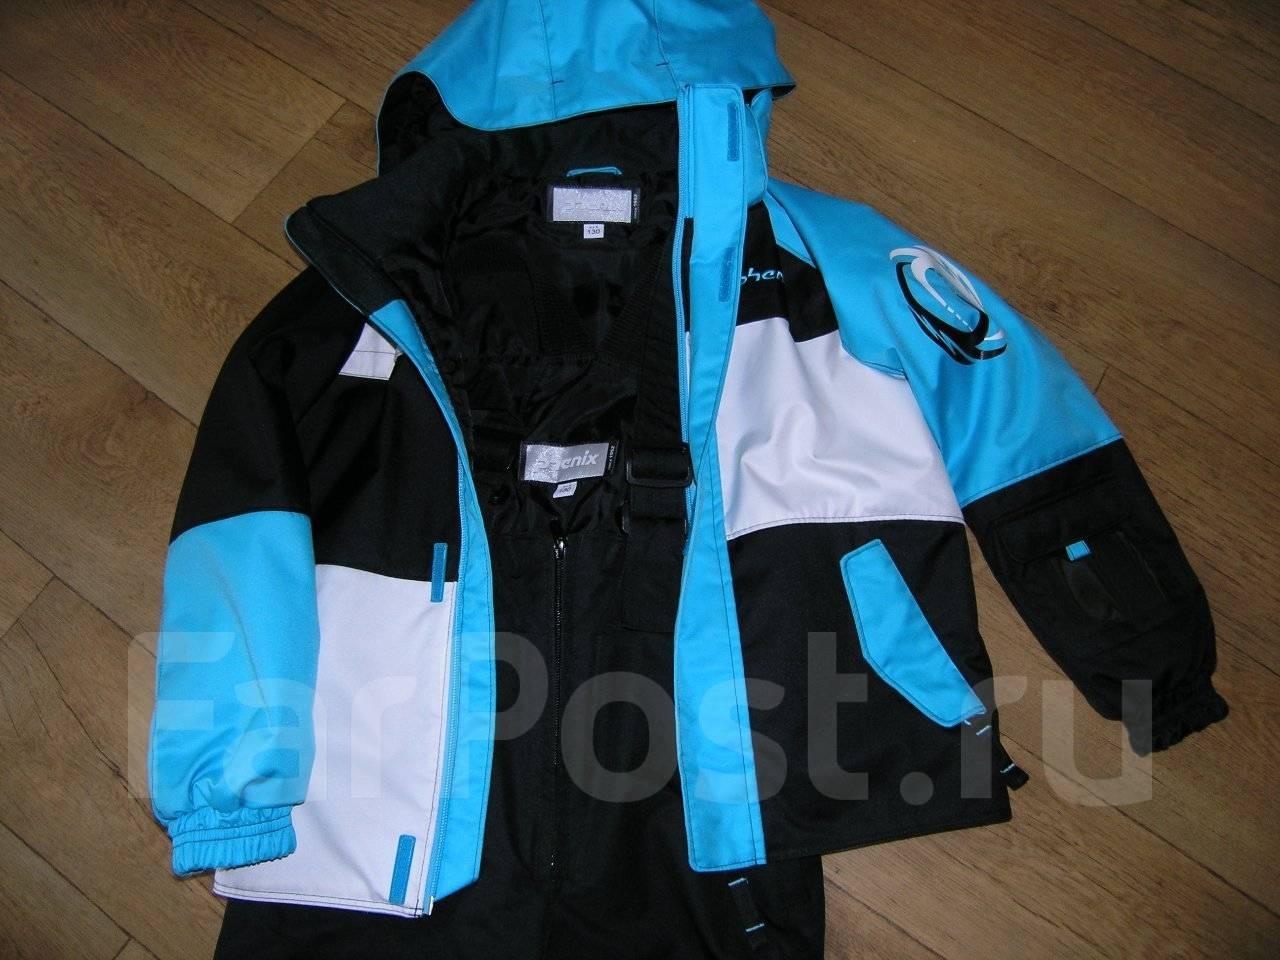 630ab9f99590 Лыжные костюмы salomon одежда, обувь и аксессуары во Владивостоке